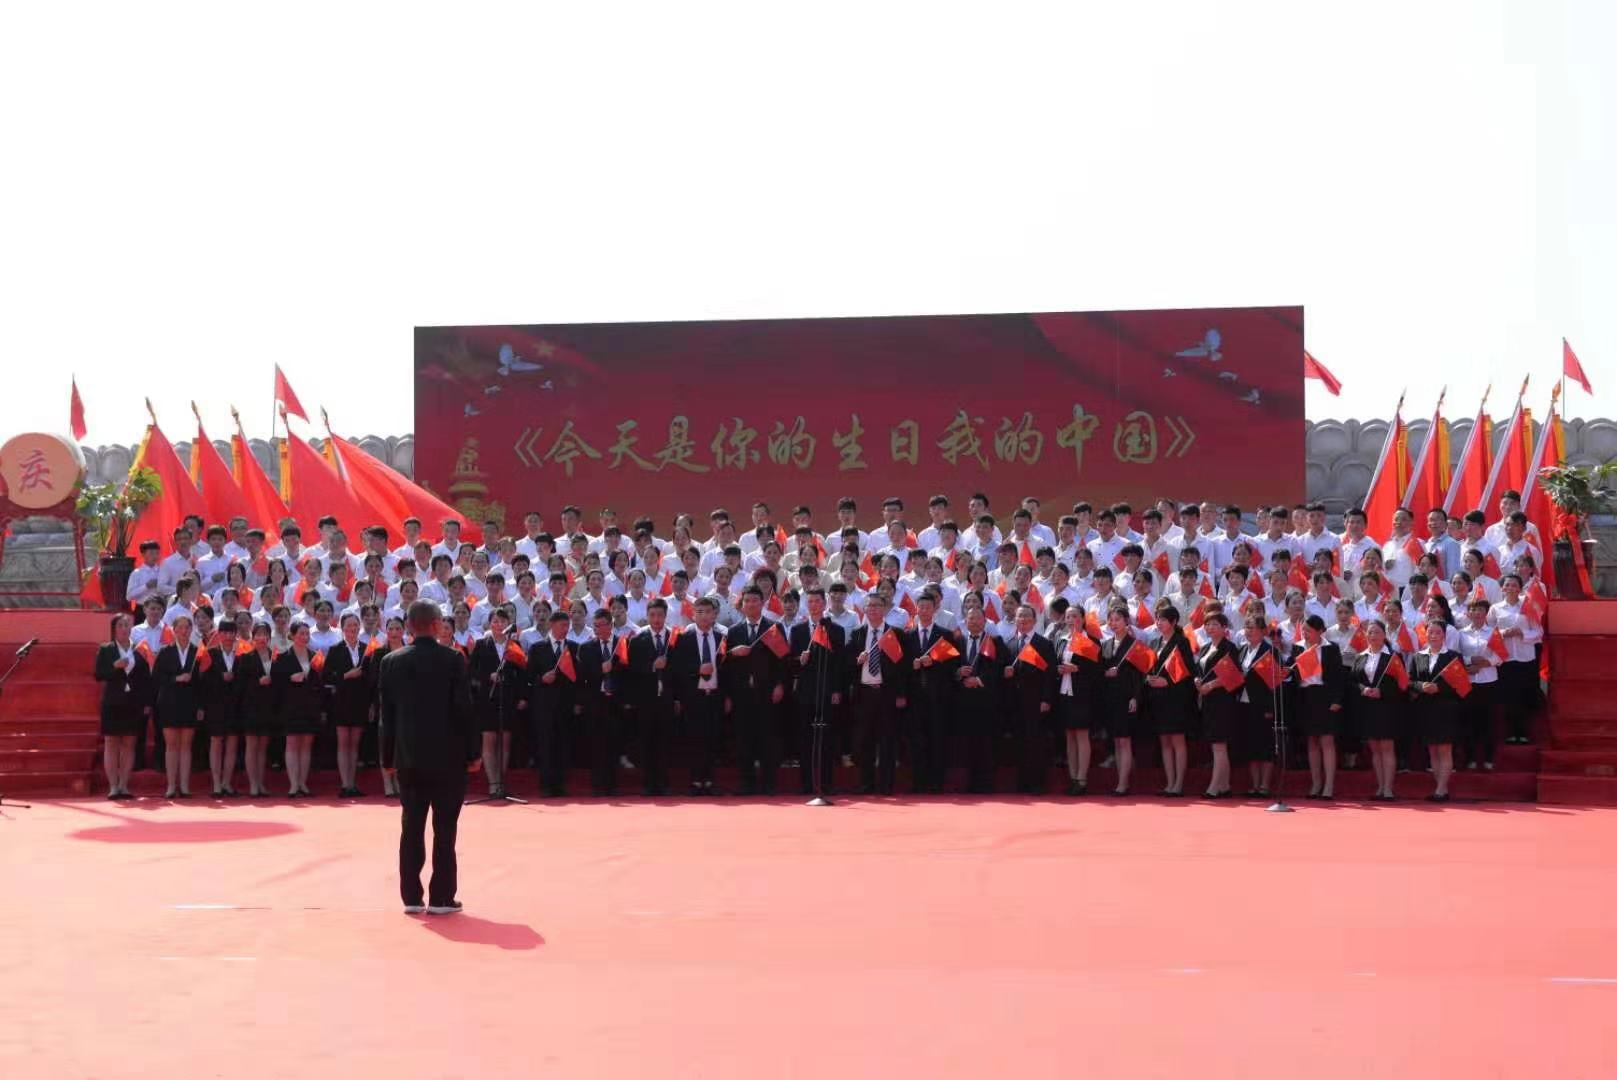 我和我的祖国,千名员工尧山景区歌唱祖国